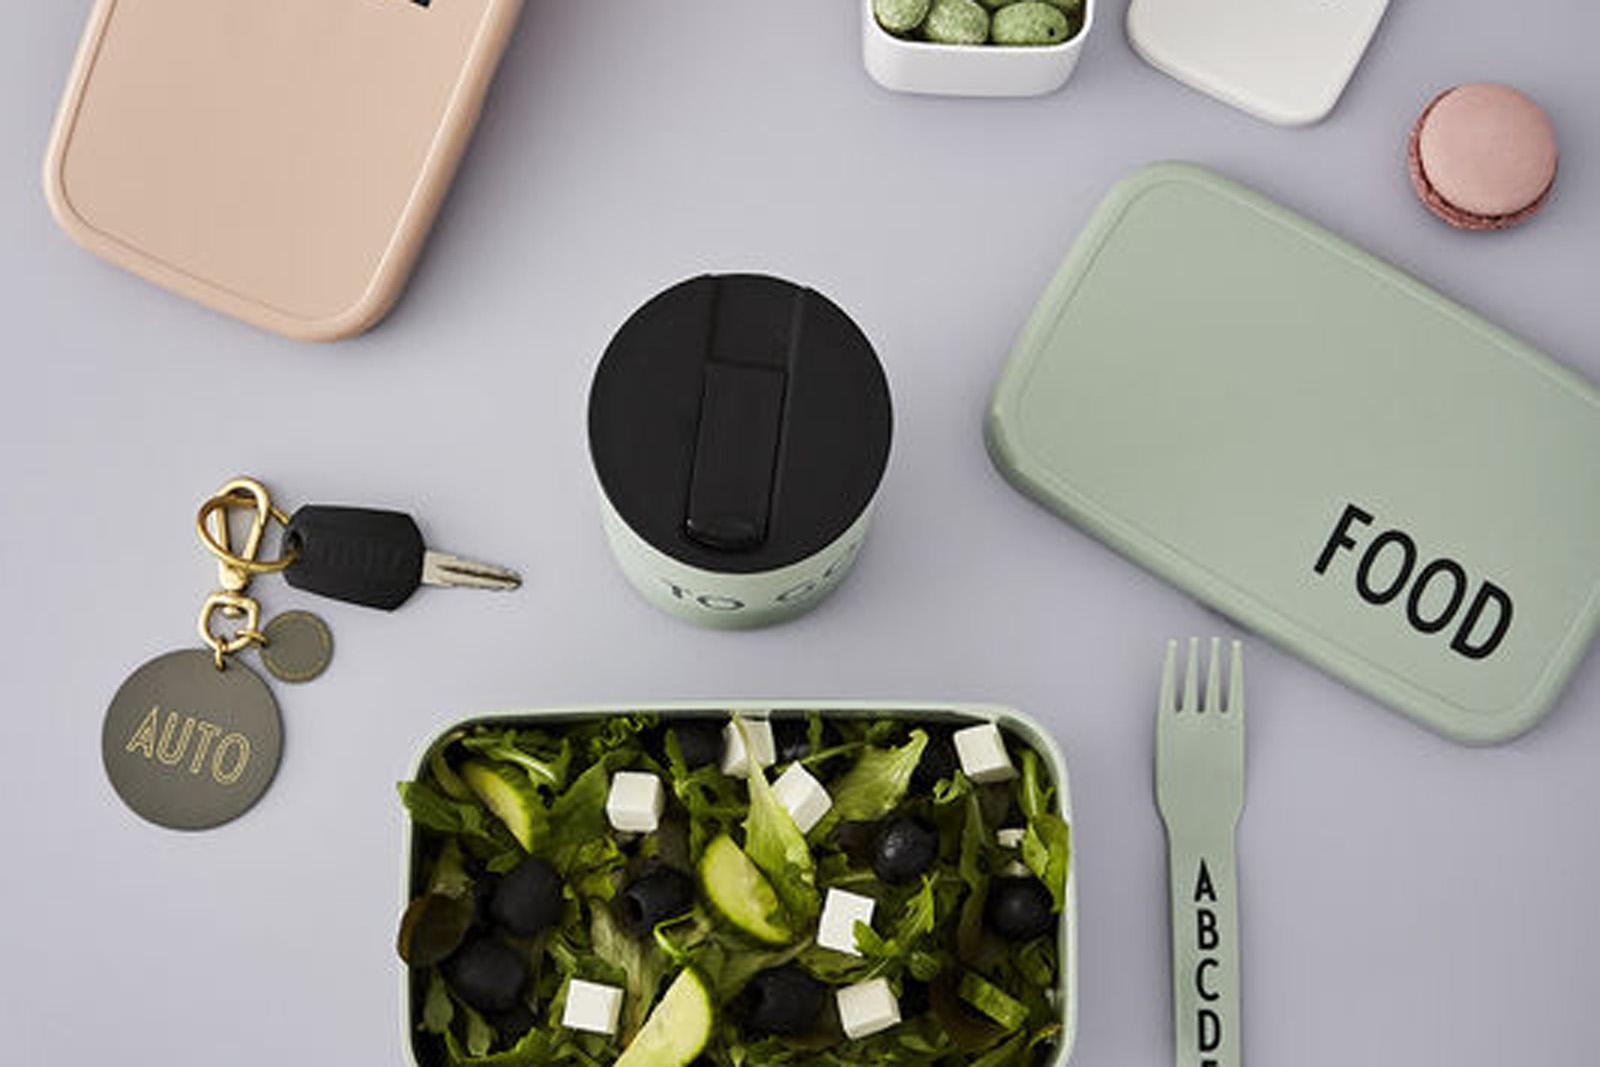 DESIGN LETTERS(デザインレターズ) Arne Jacobsen アルネ ヤコブセン キッズ用 カトラリー 4本セット パステルカラー